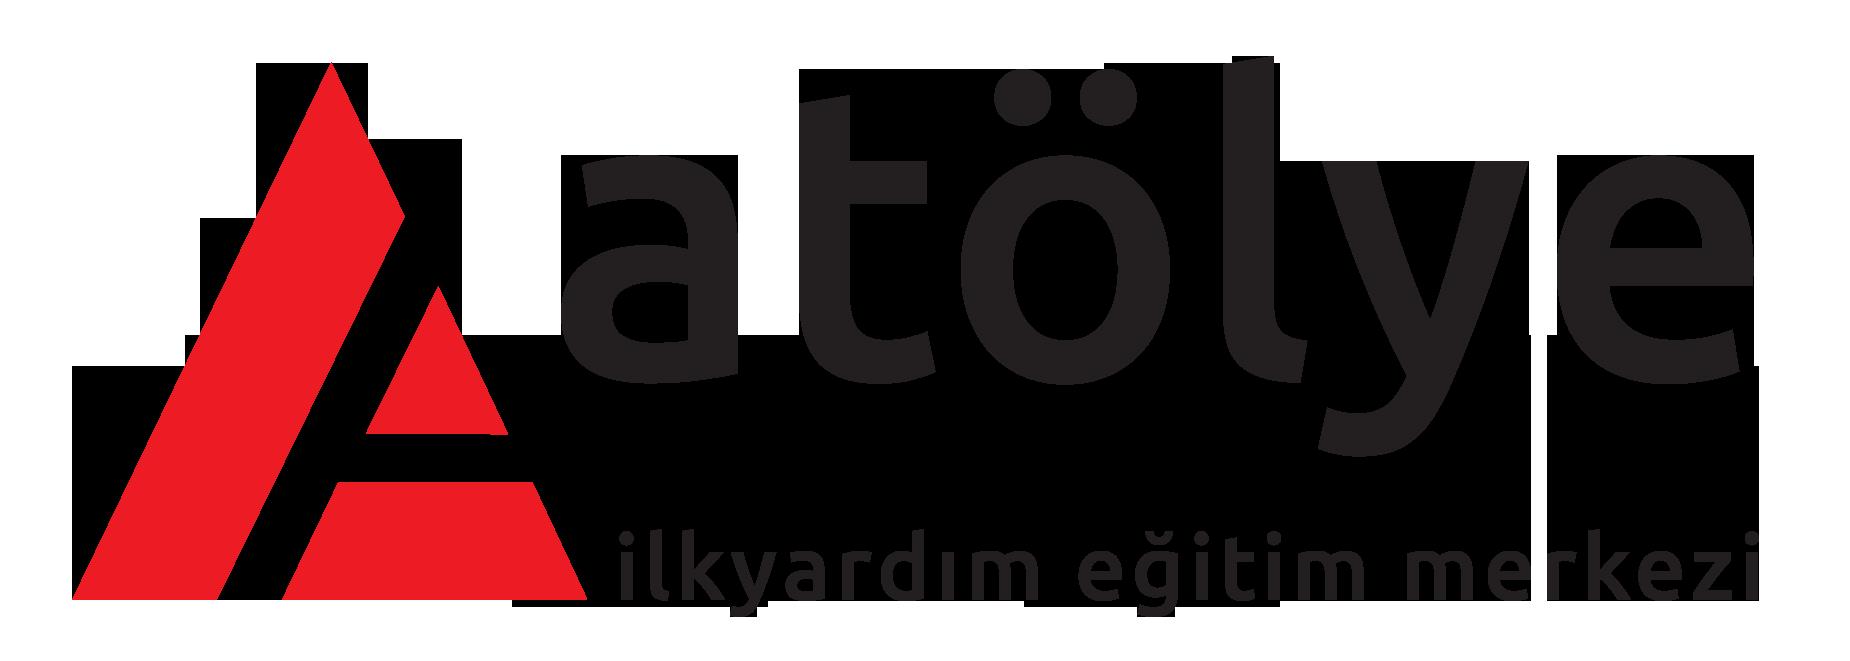 Atölye İlkyardım Eğitimi Ankara